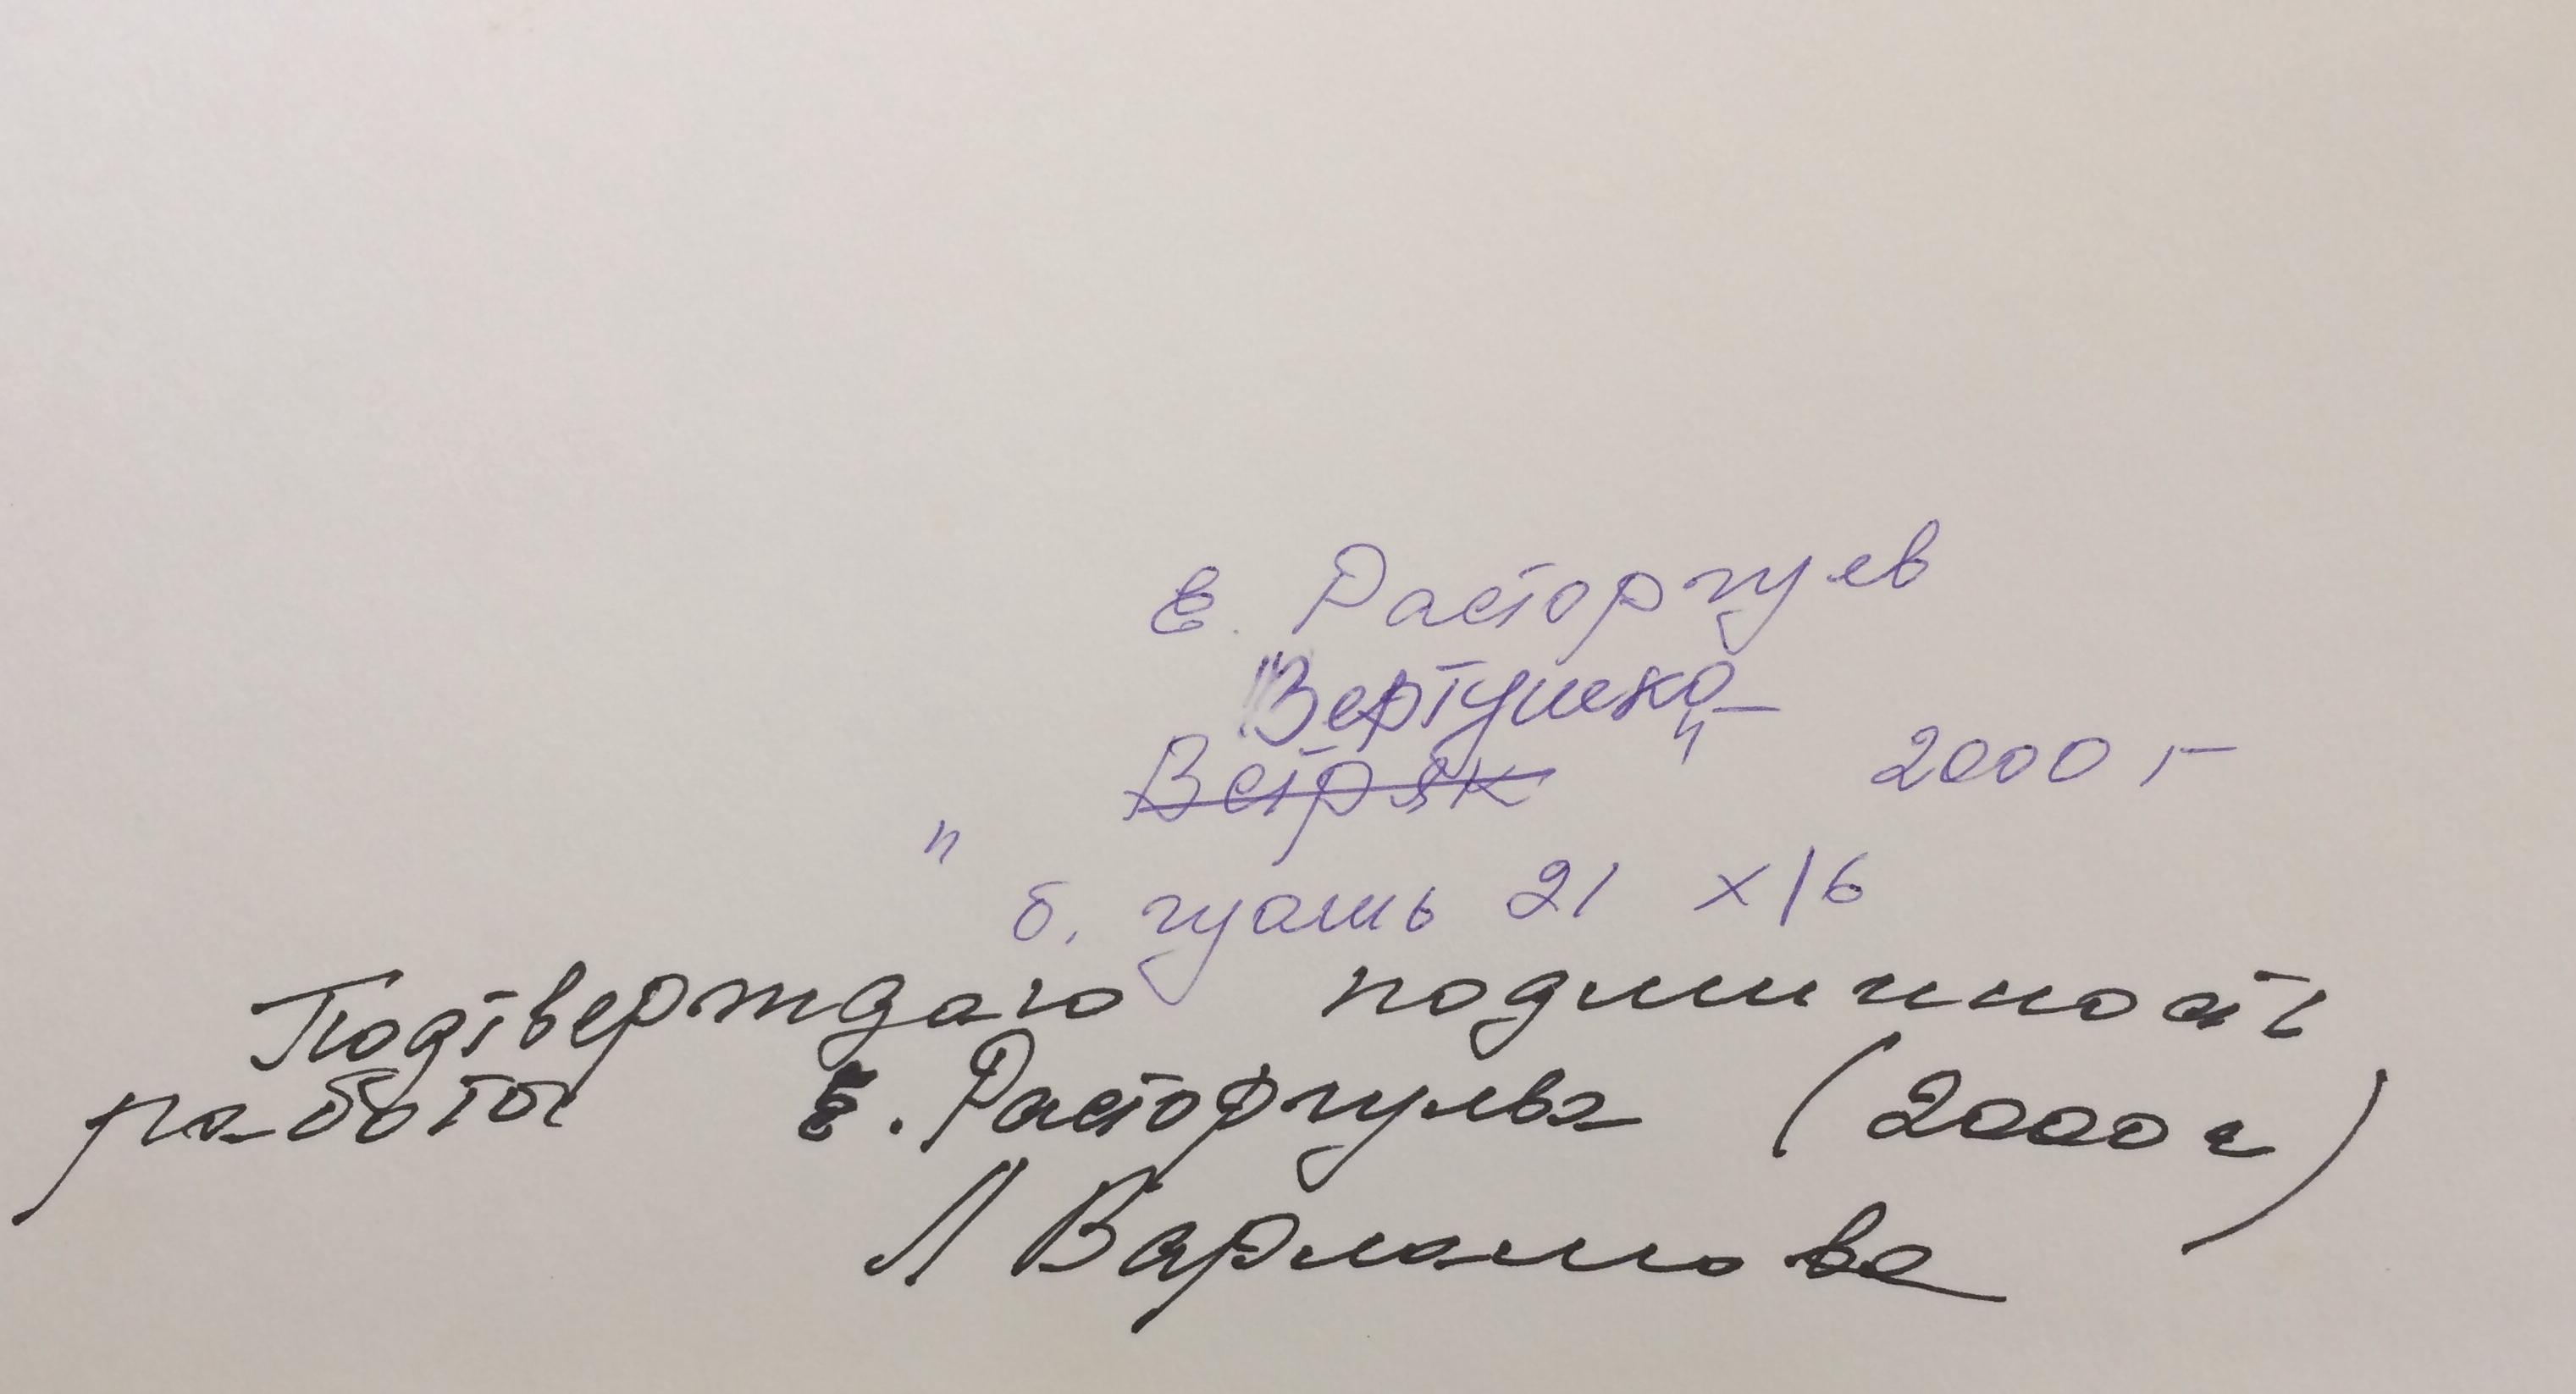 Эксперт. Расторгуев Евгений Анатольевич. Вертушка.